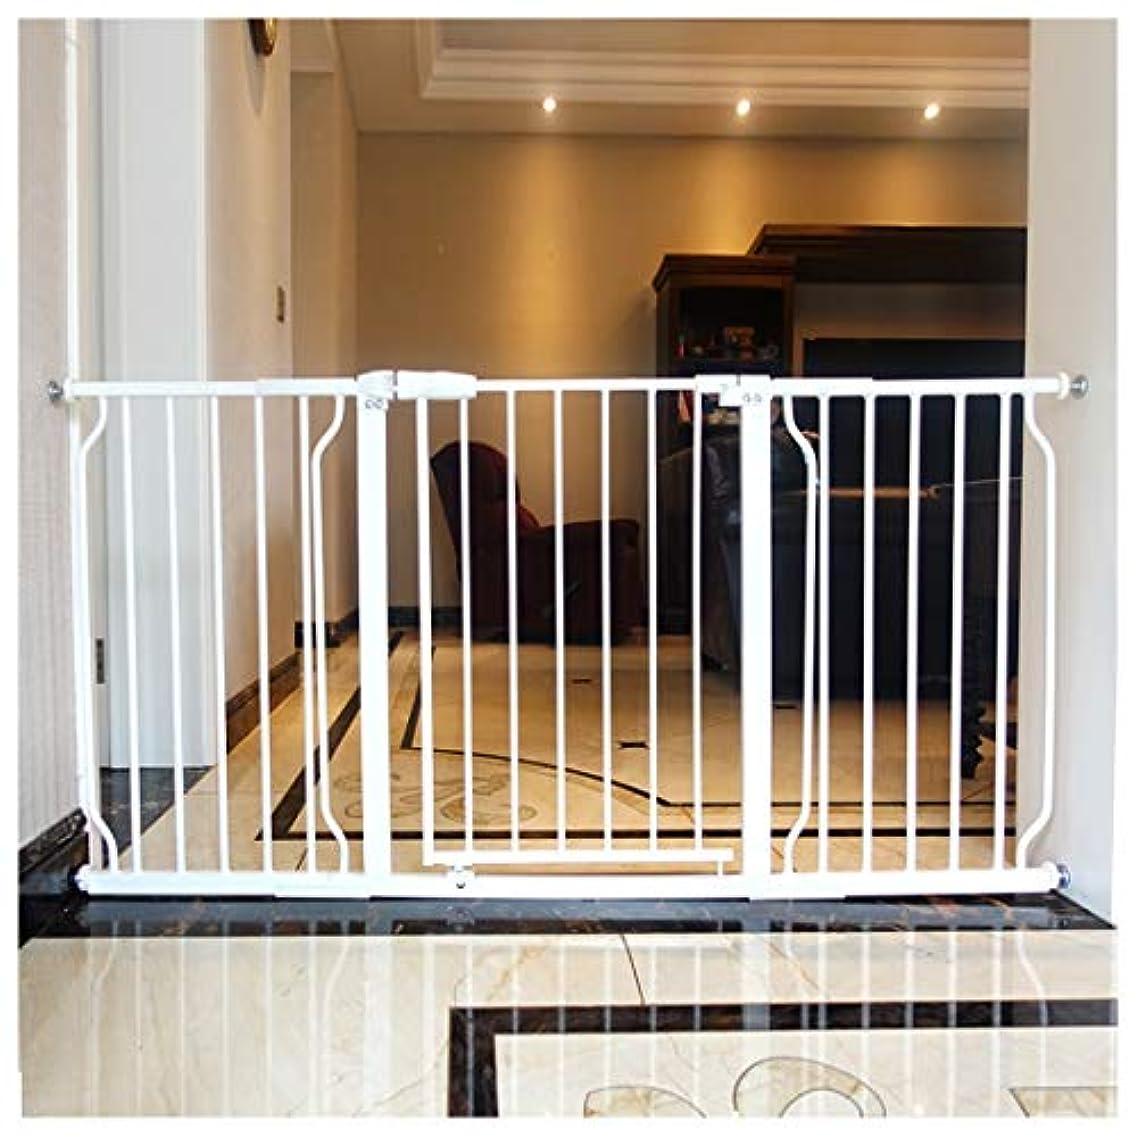 寸前経験者うるさいベビーゲート ドアや階段の圧力フィット、ノー掘削用メタル安全門の拡張、オートクローズペットゲート階段赤ちゃんの安全ゲートは70センチメートル - 拡張機能付き85センチメートル門 (Size : Width 194~205.9cm)